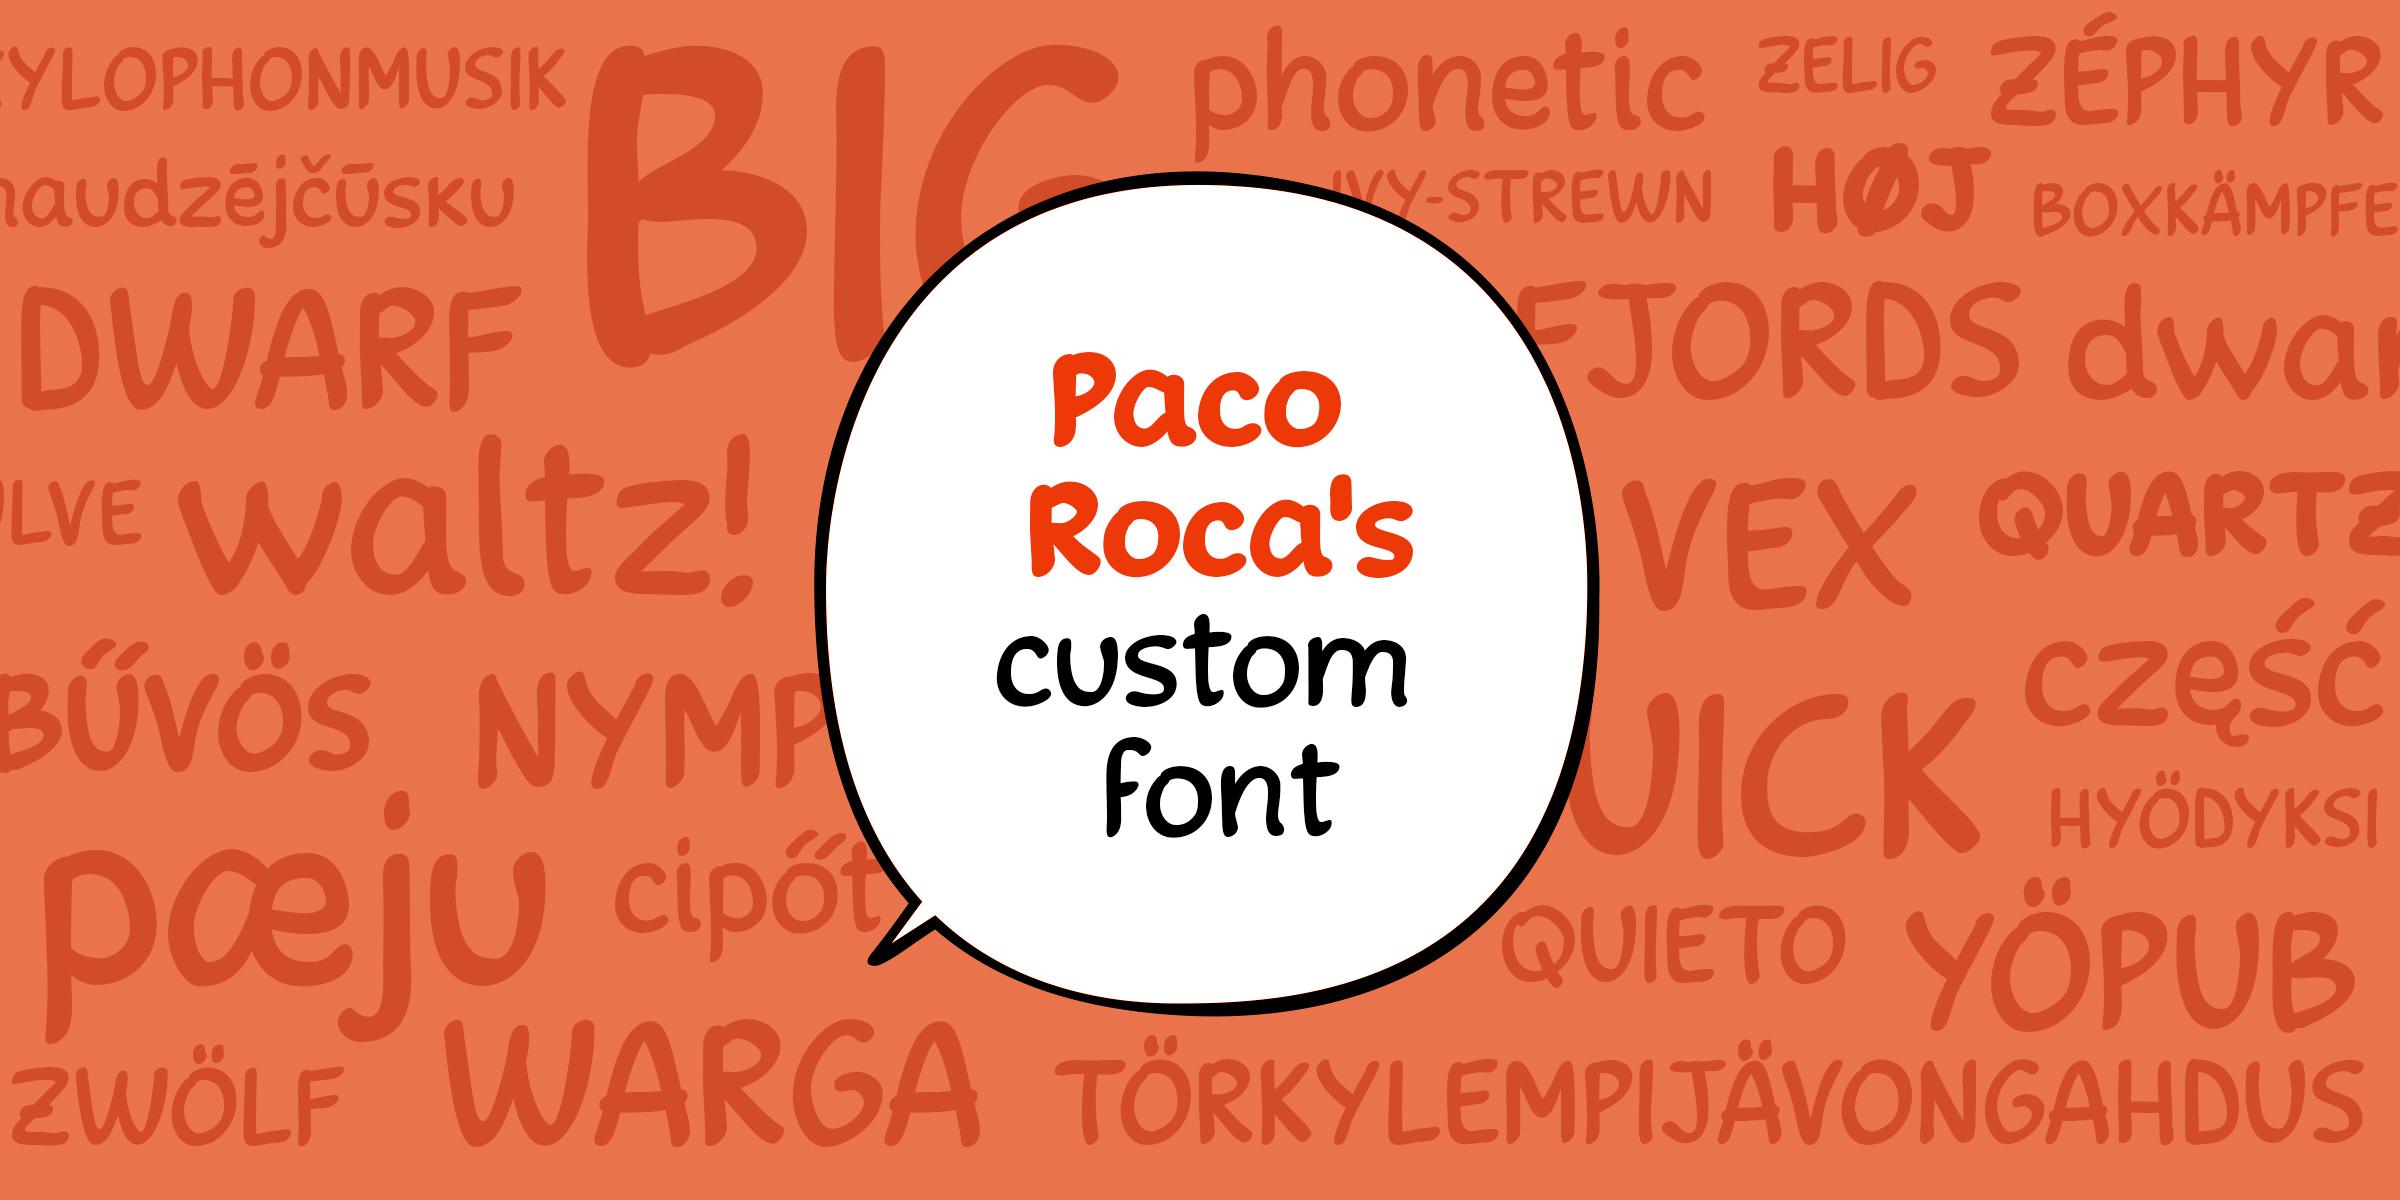 Paco Roca's custom font